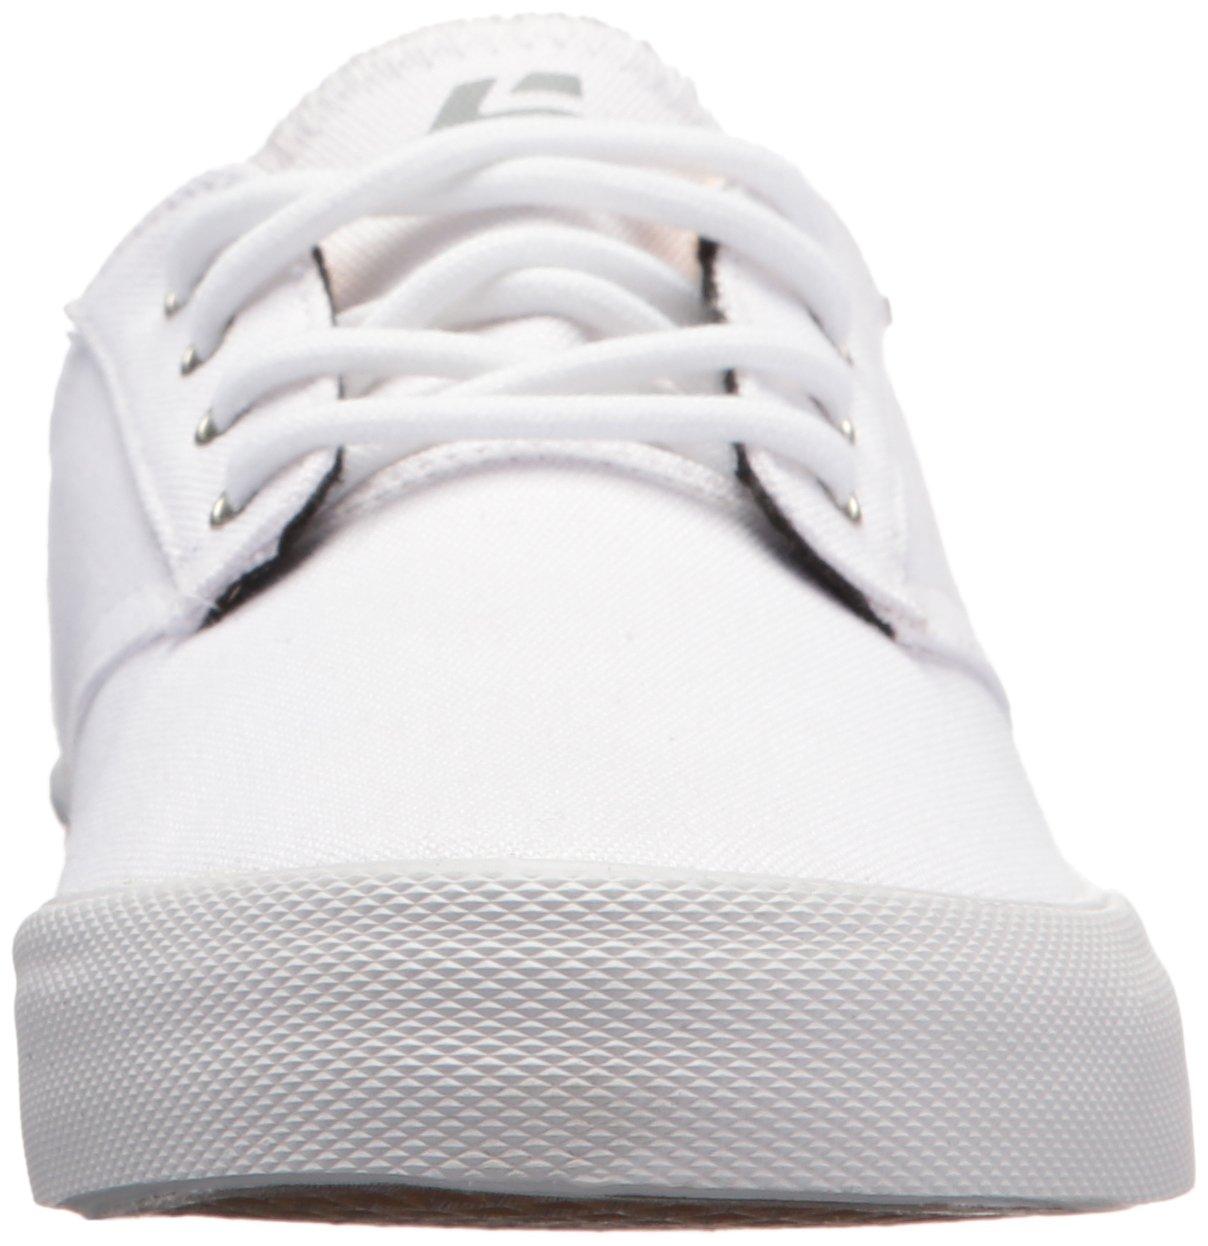 Etnies Women's Jameson Vulc LS W's Skate Shoe B074PWR6QG 6 B(M) US|White